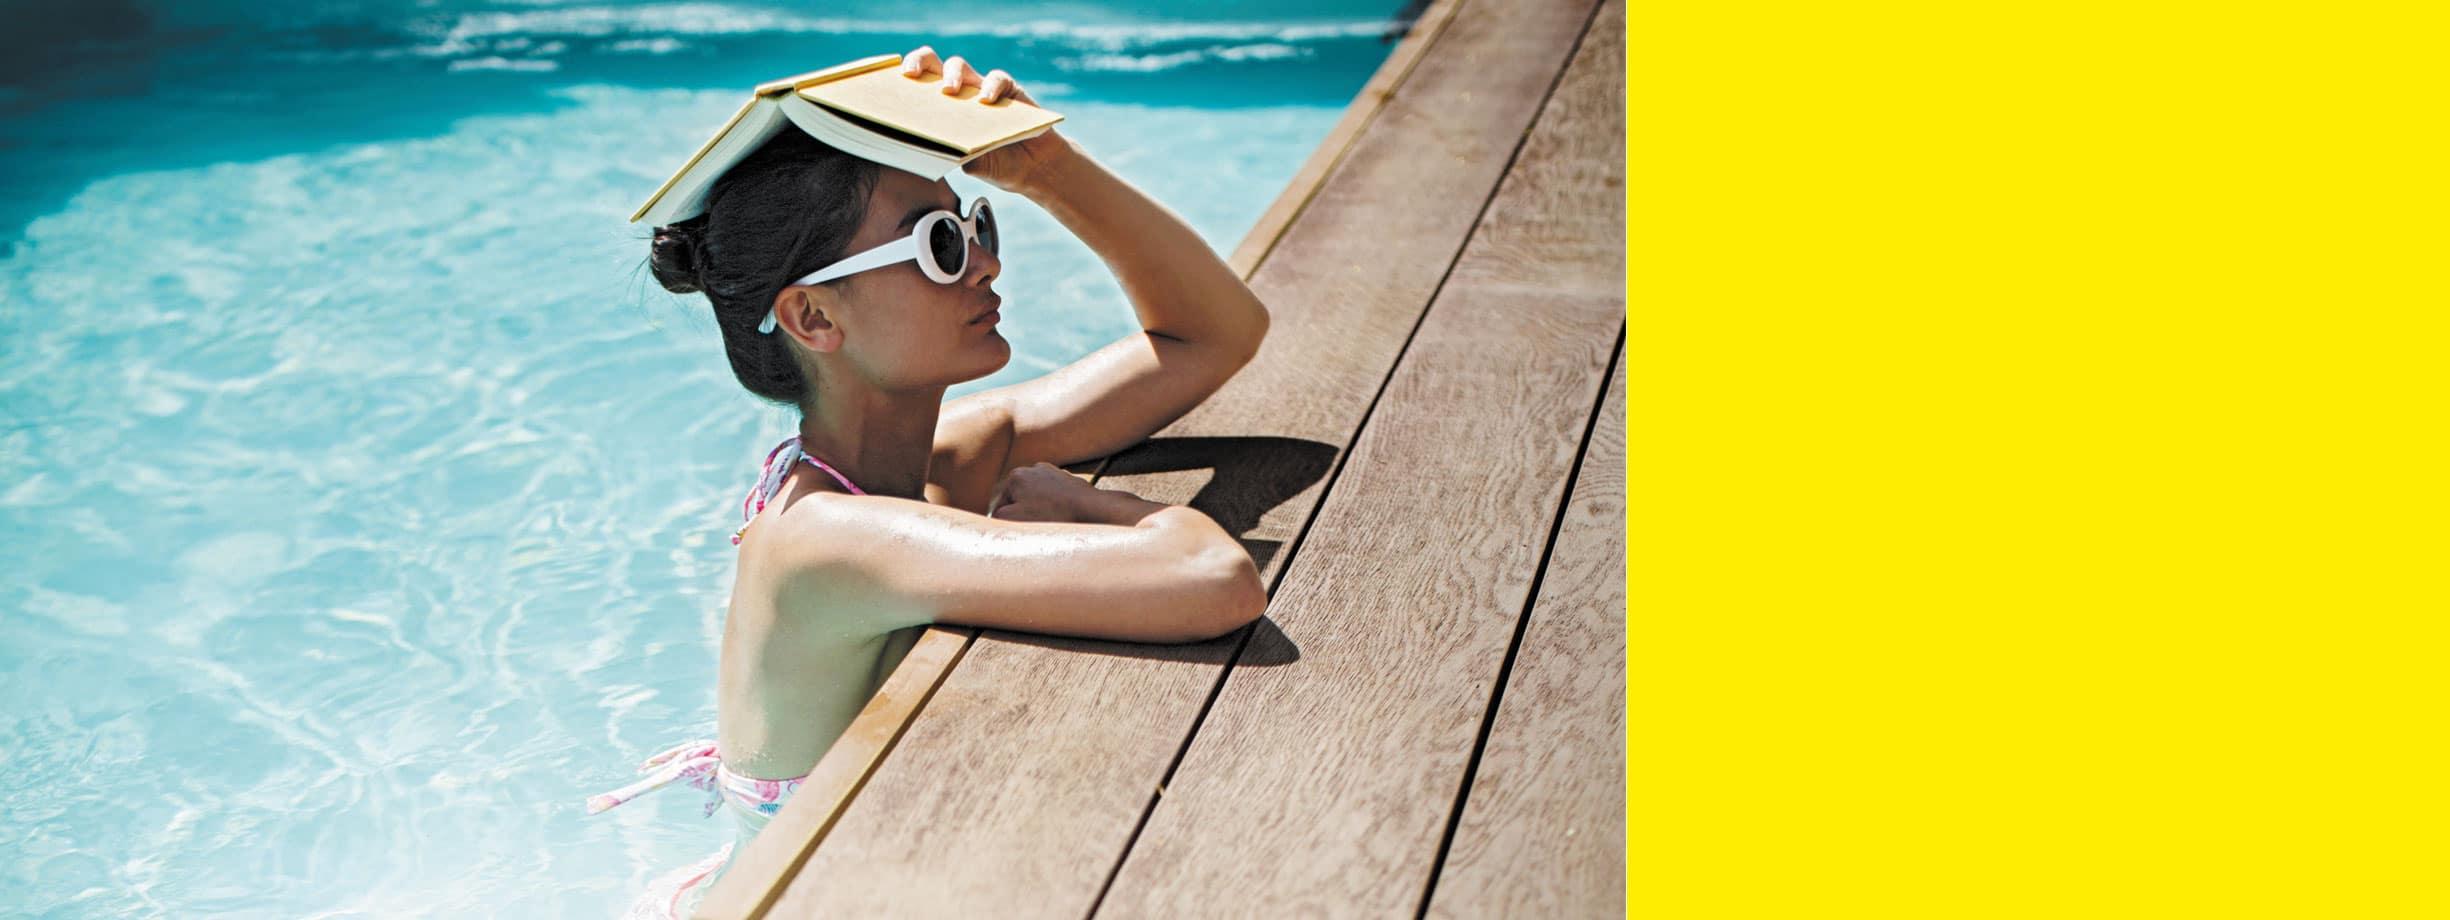 securisez-votre-bassin-bandeau-promo FAQ - Quelle est la garantie d'un fabricant de coque pour piscine polyester  ?